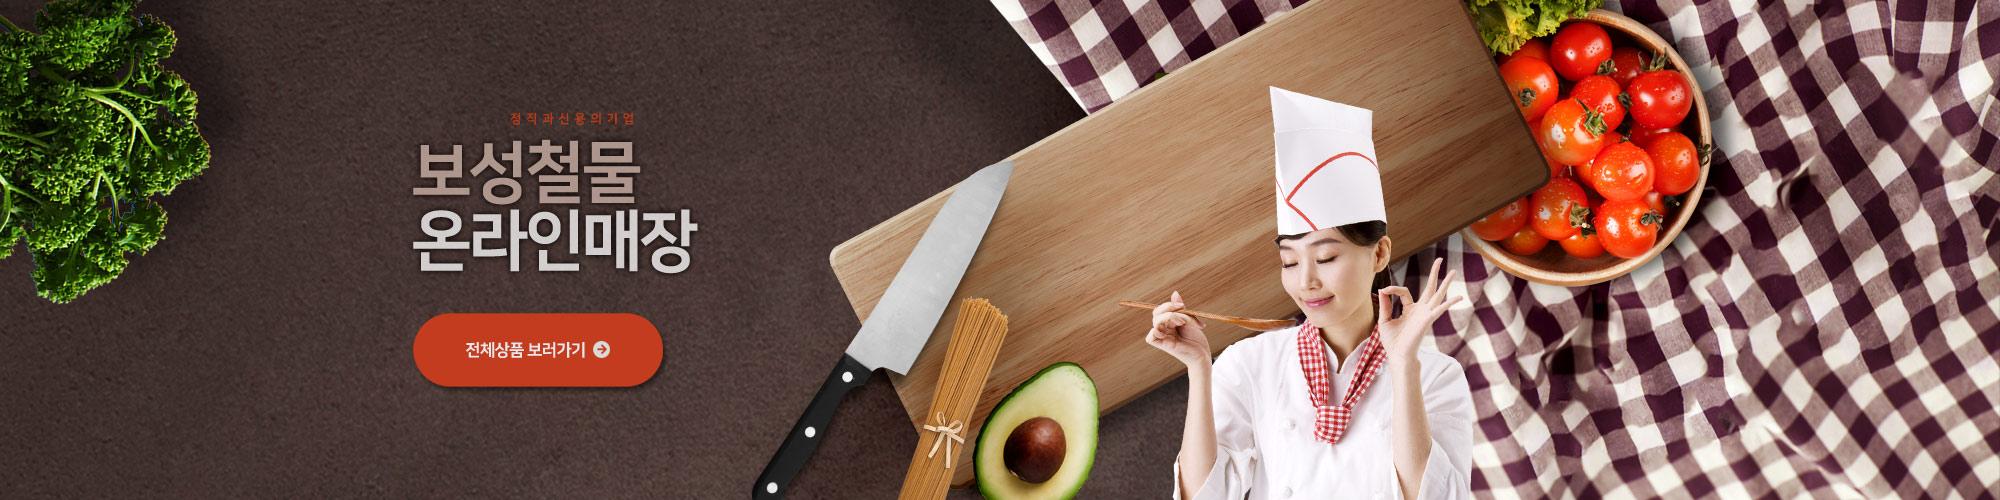 각종 요리에 사용되는 도구 특별전